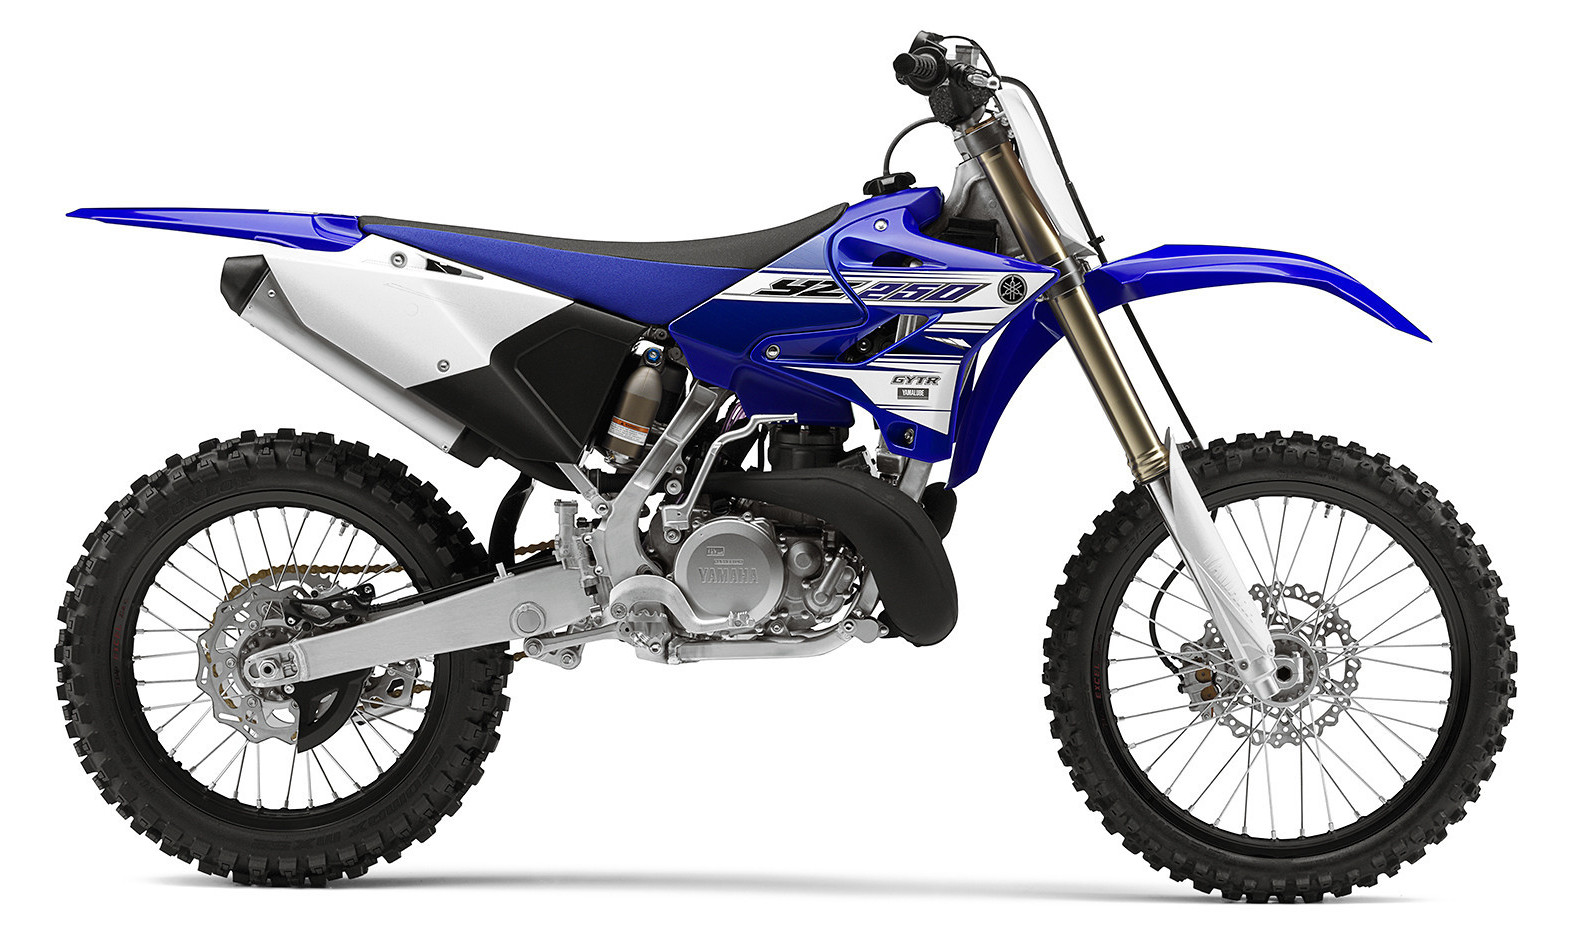 2016 Yamaha YZ250  2016 Yamaha YZ250